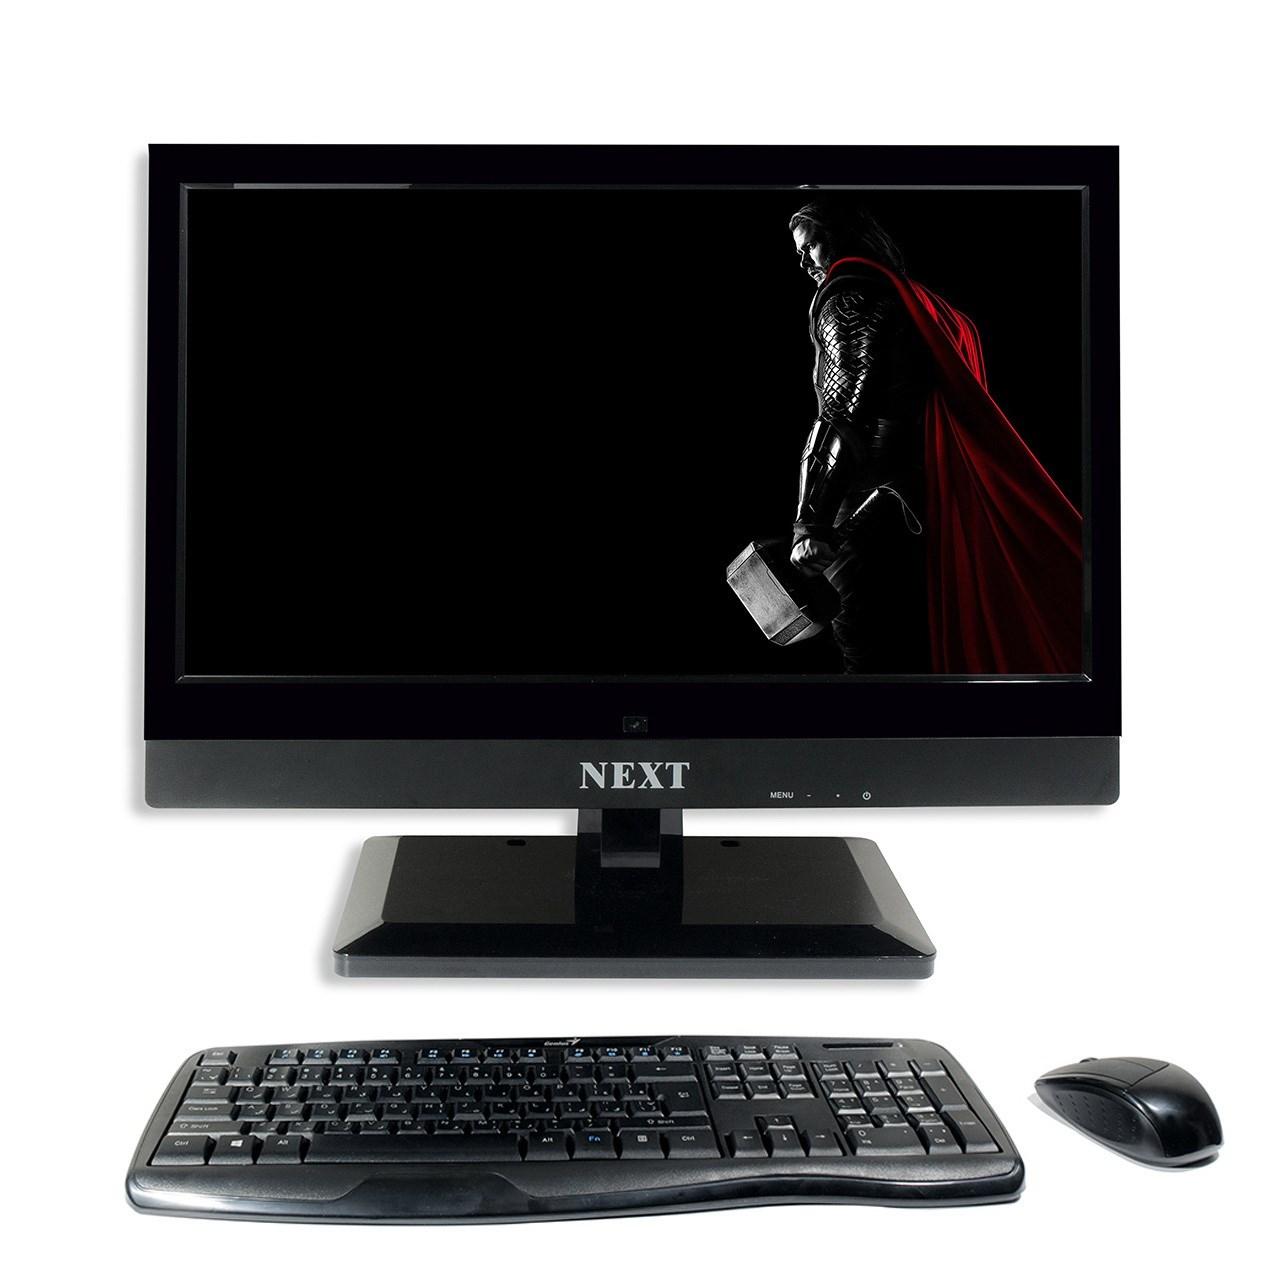 کامپیوتر همه کاره 21.5 اینچی نکست مدل AR3470-22B